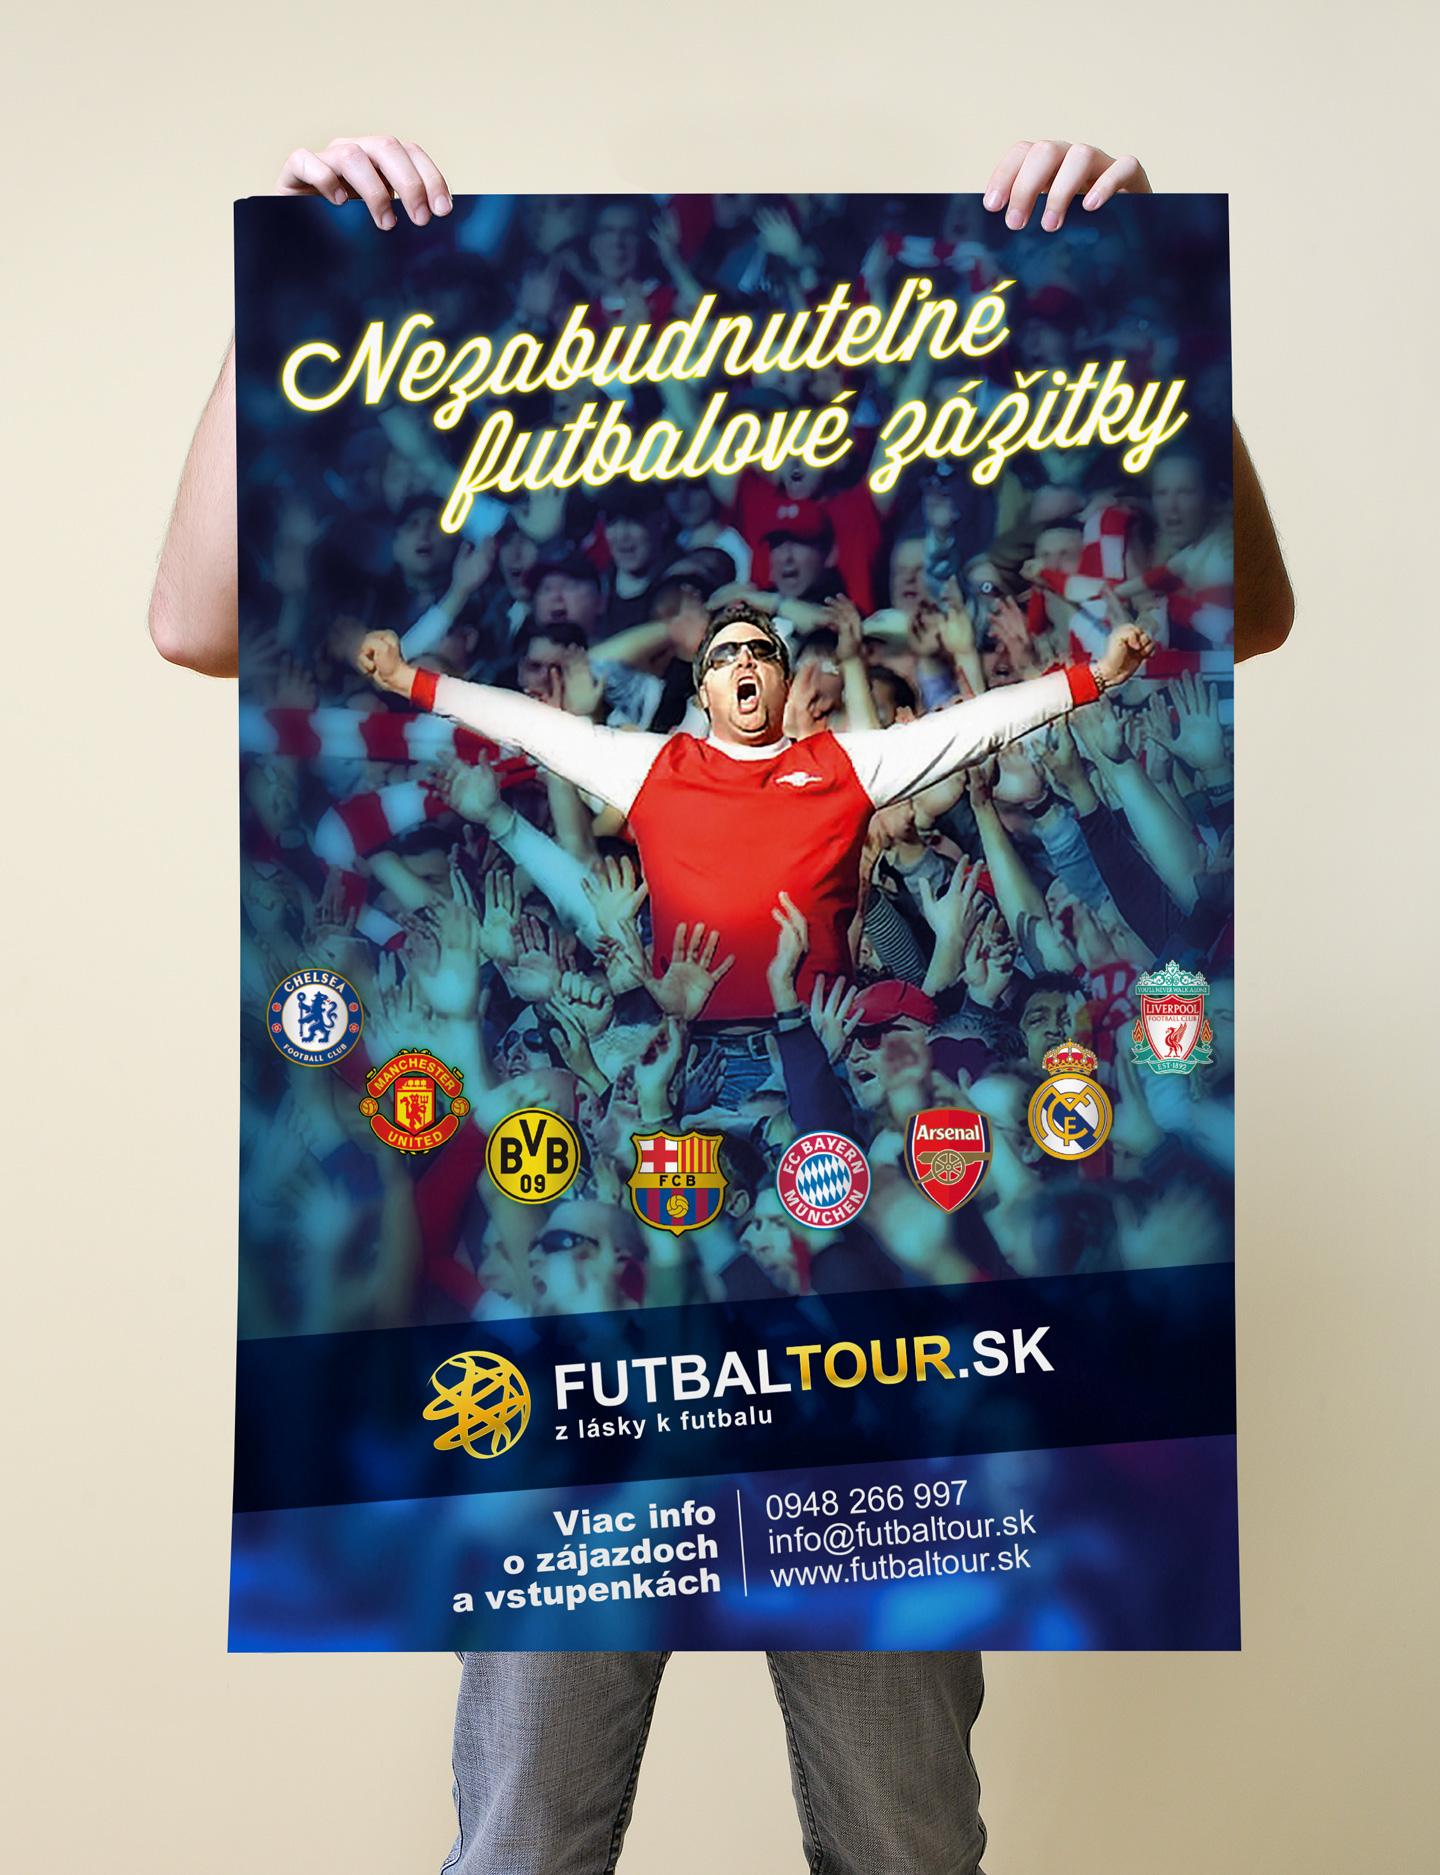 Futbaltour.sk plagát